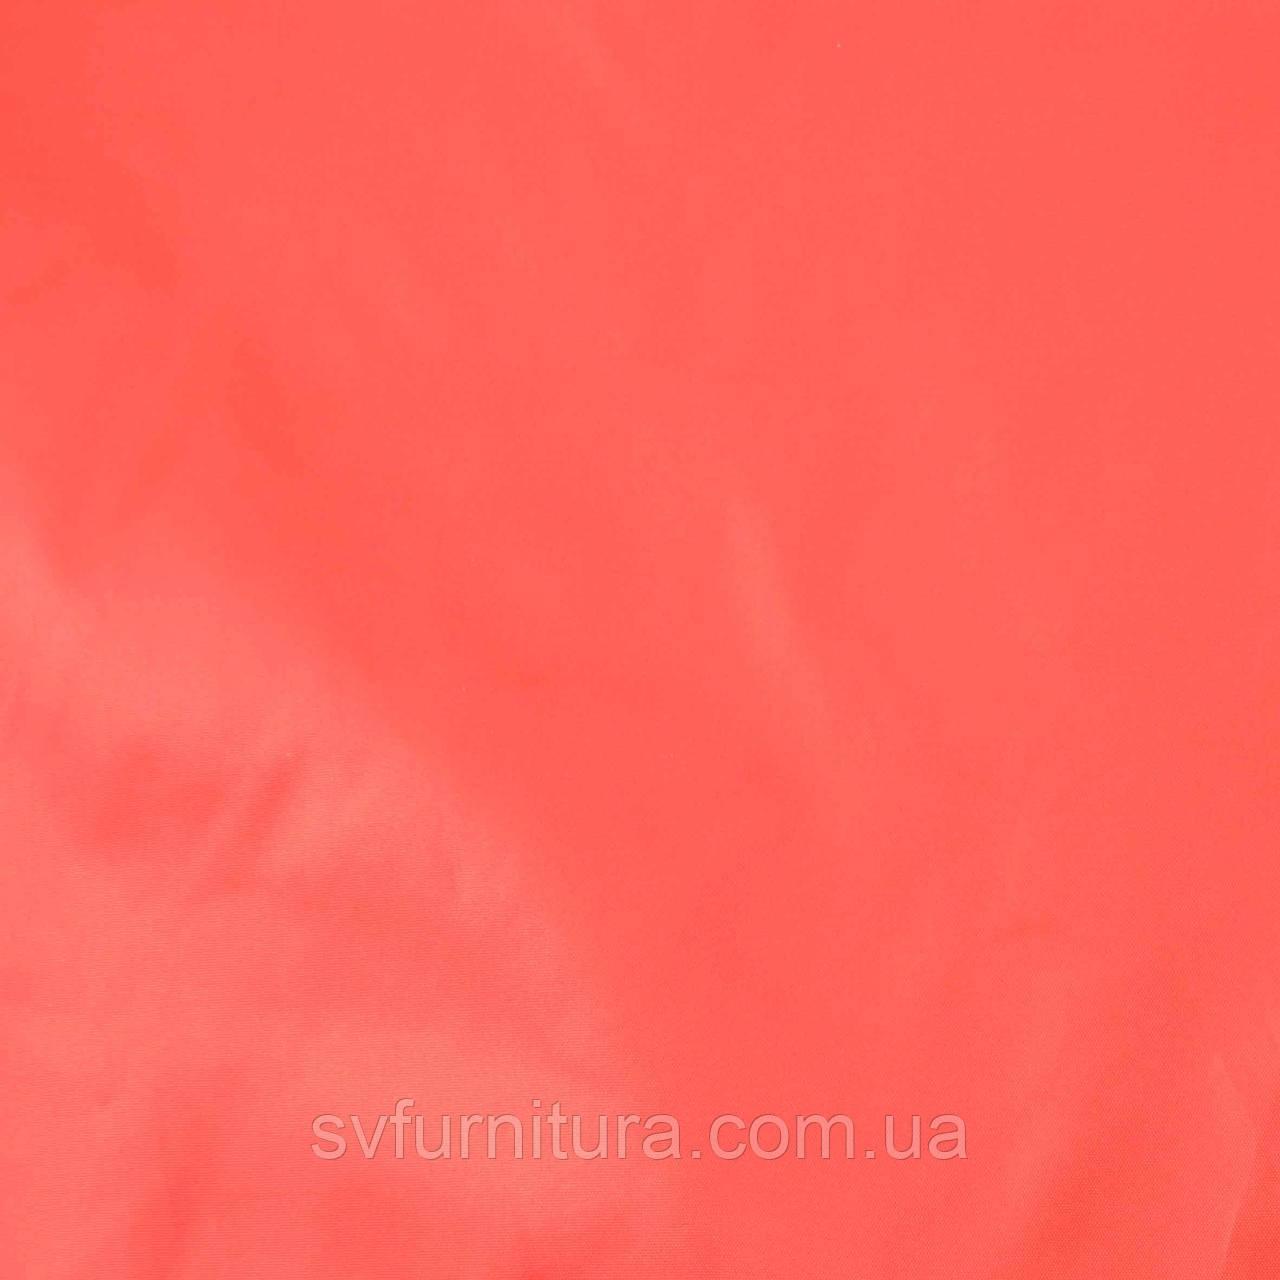 Тканина плащівка АА1 2020 21